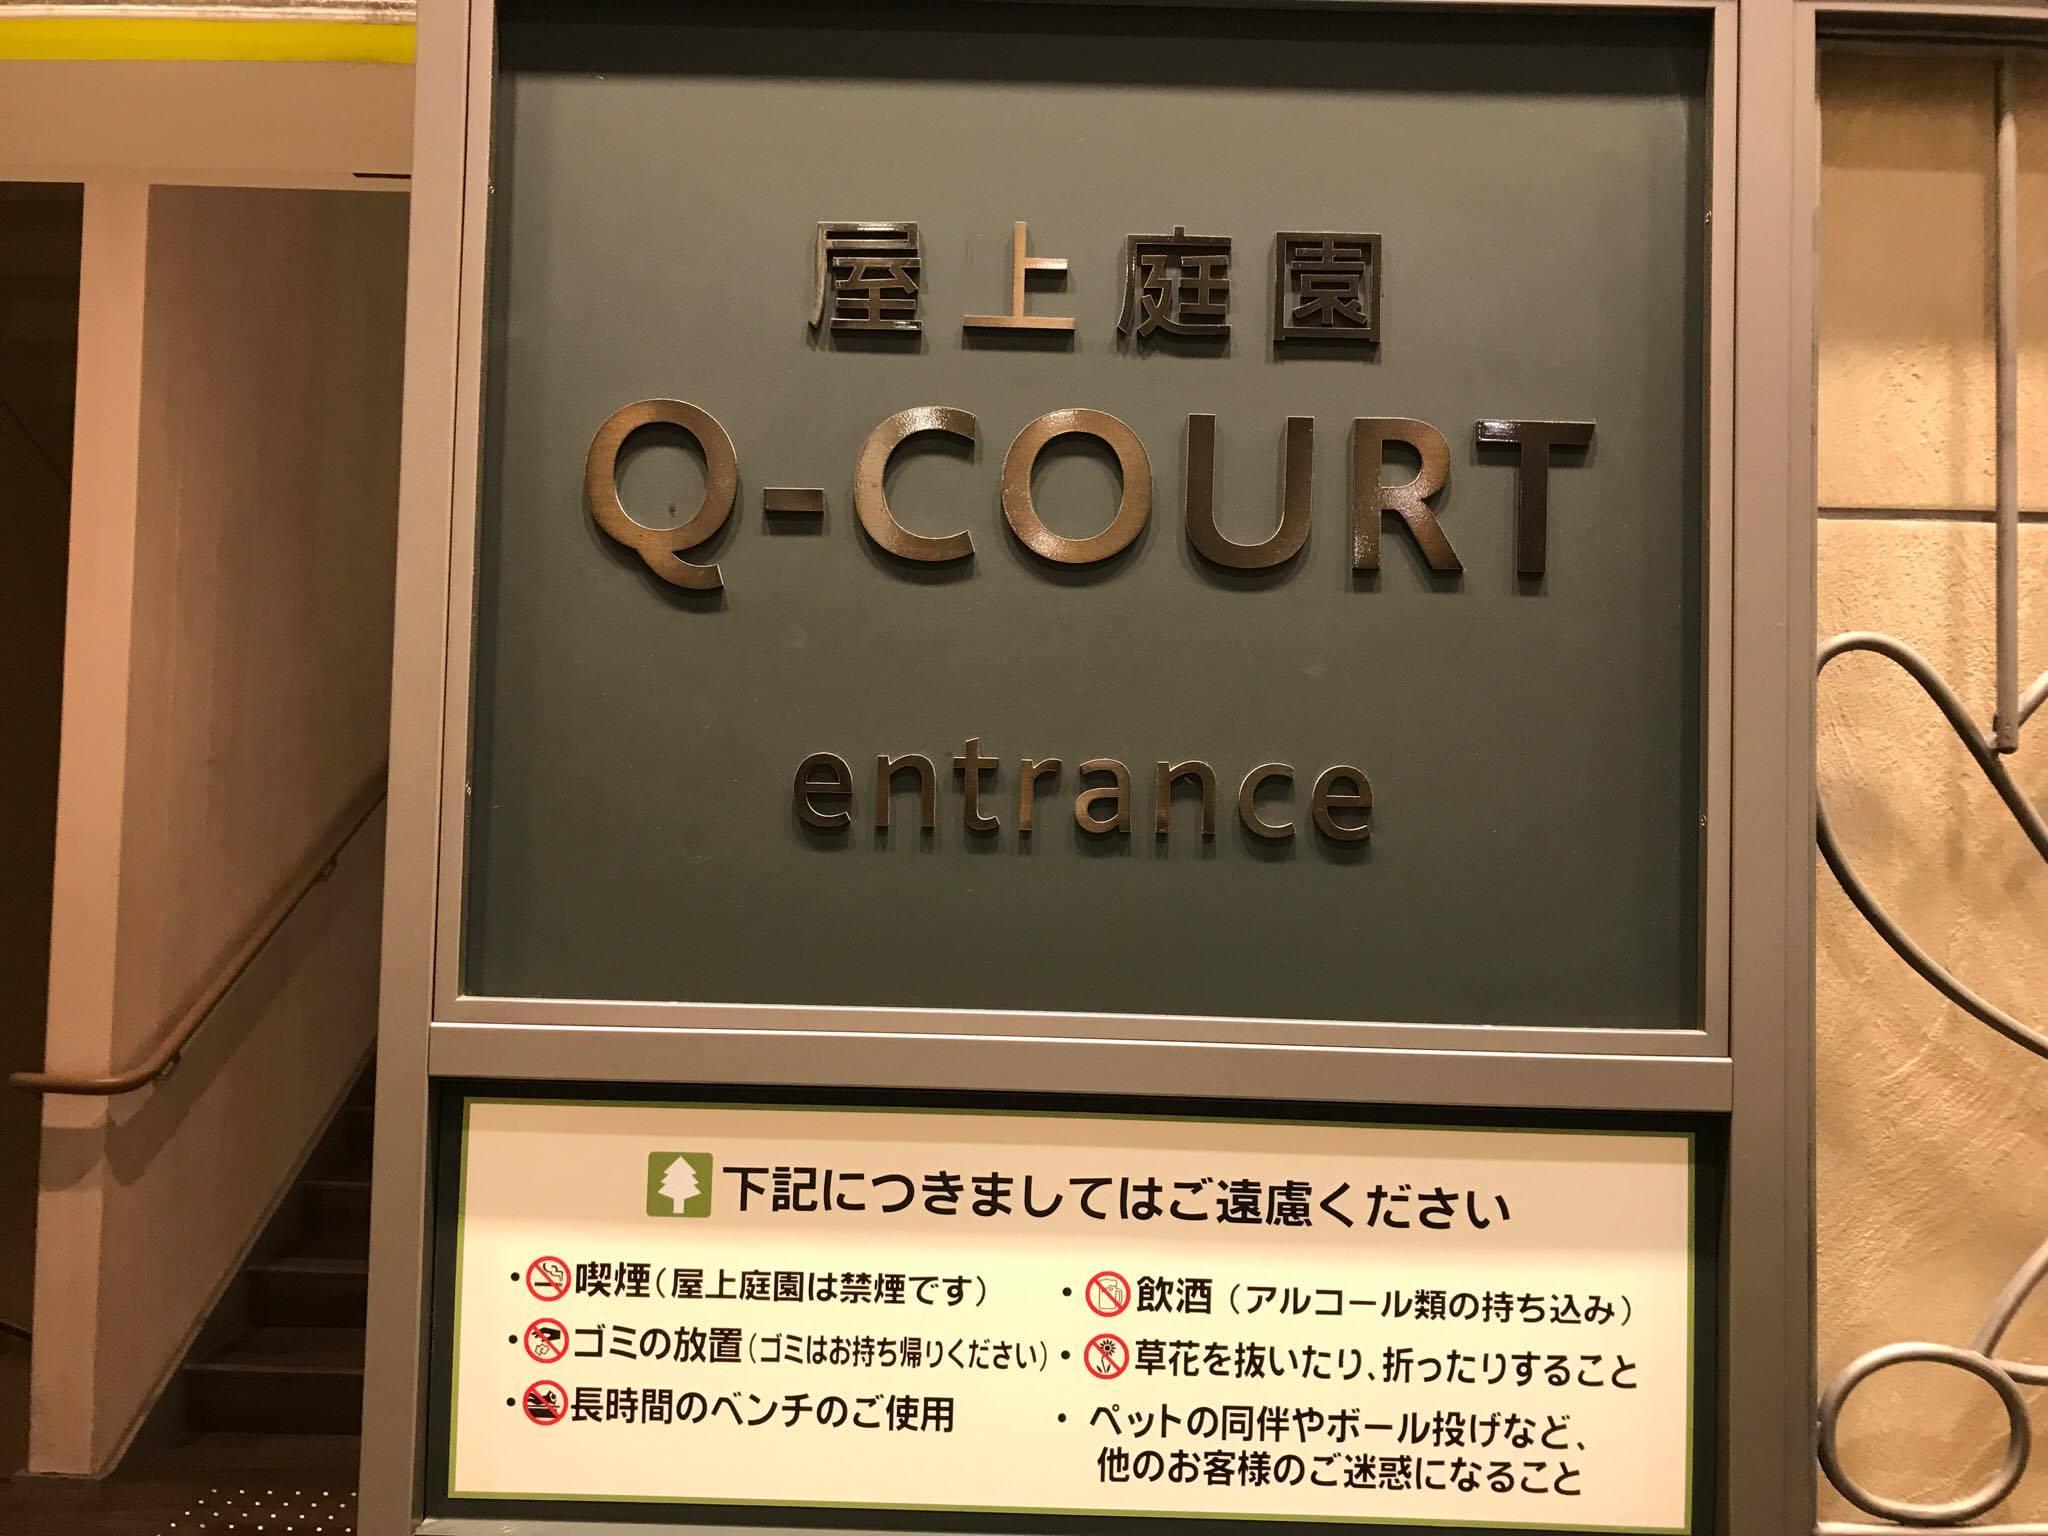 屋上庭園Q-COURT1